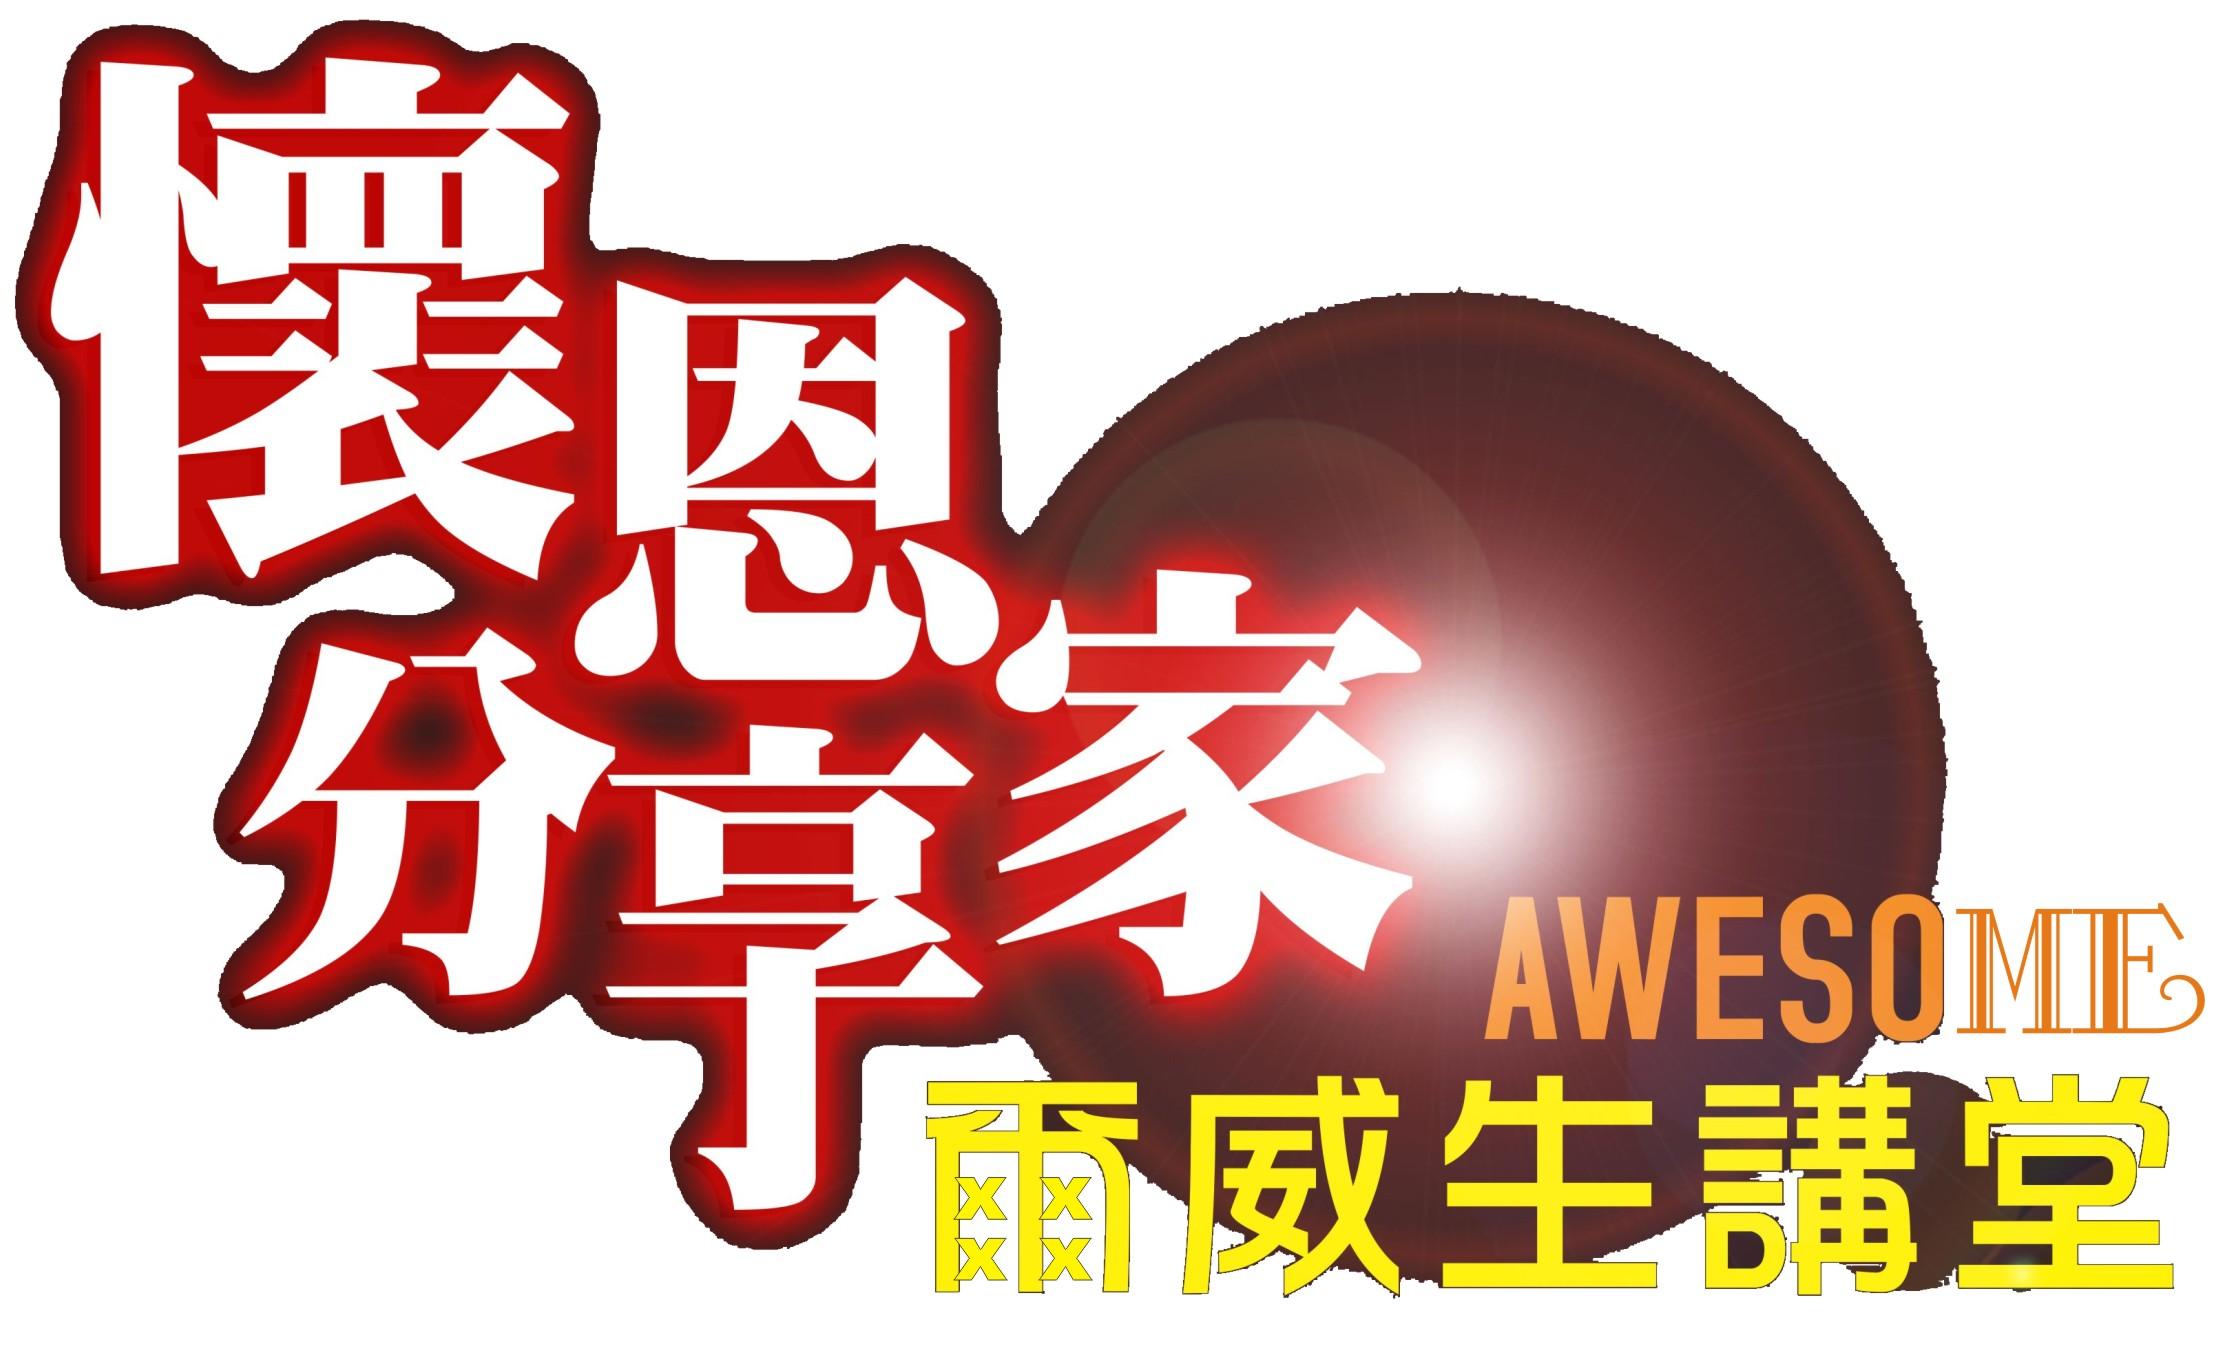 「懷恩分享家-awesome爾威生講堂」開講 !!!